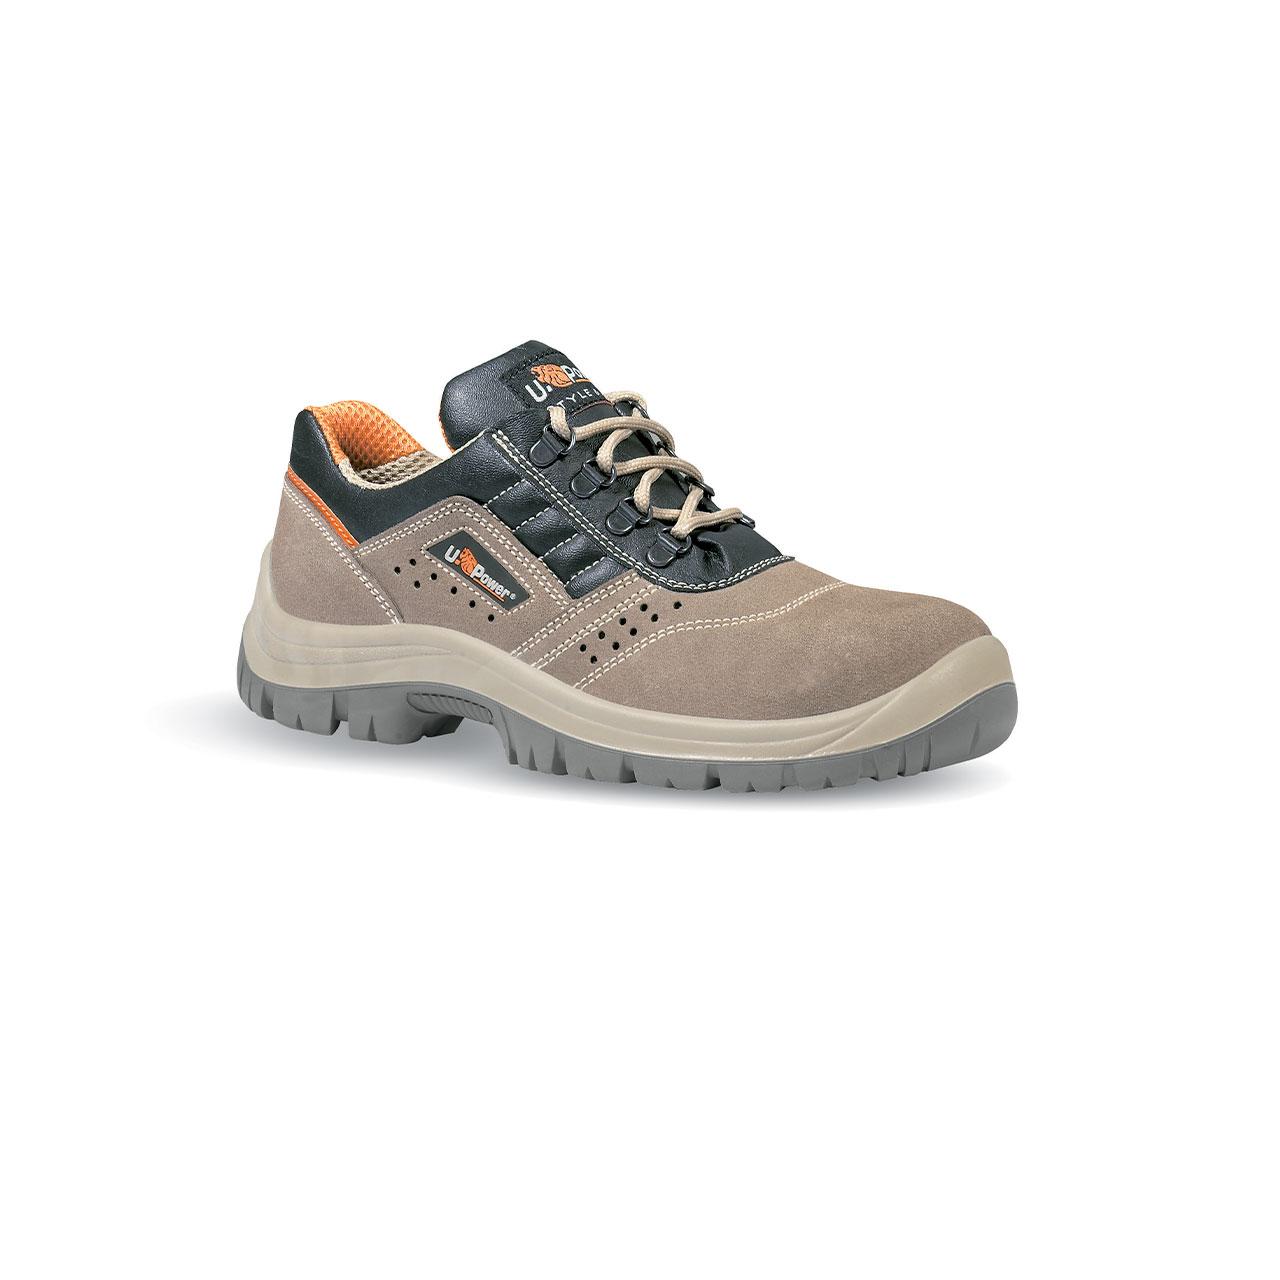 scarpa antinfortunistica upower modello dream linea STYLE_JOB vista laterale